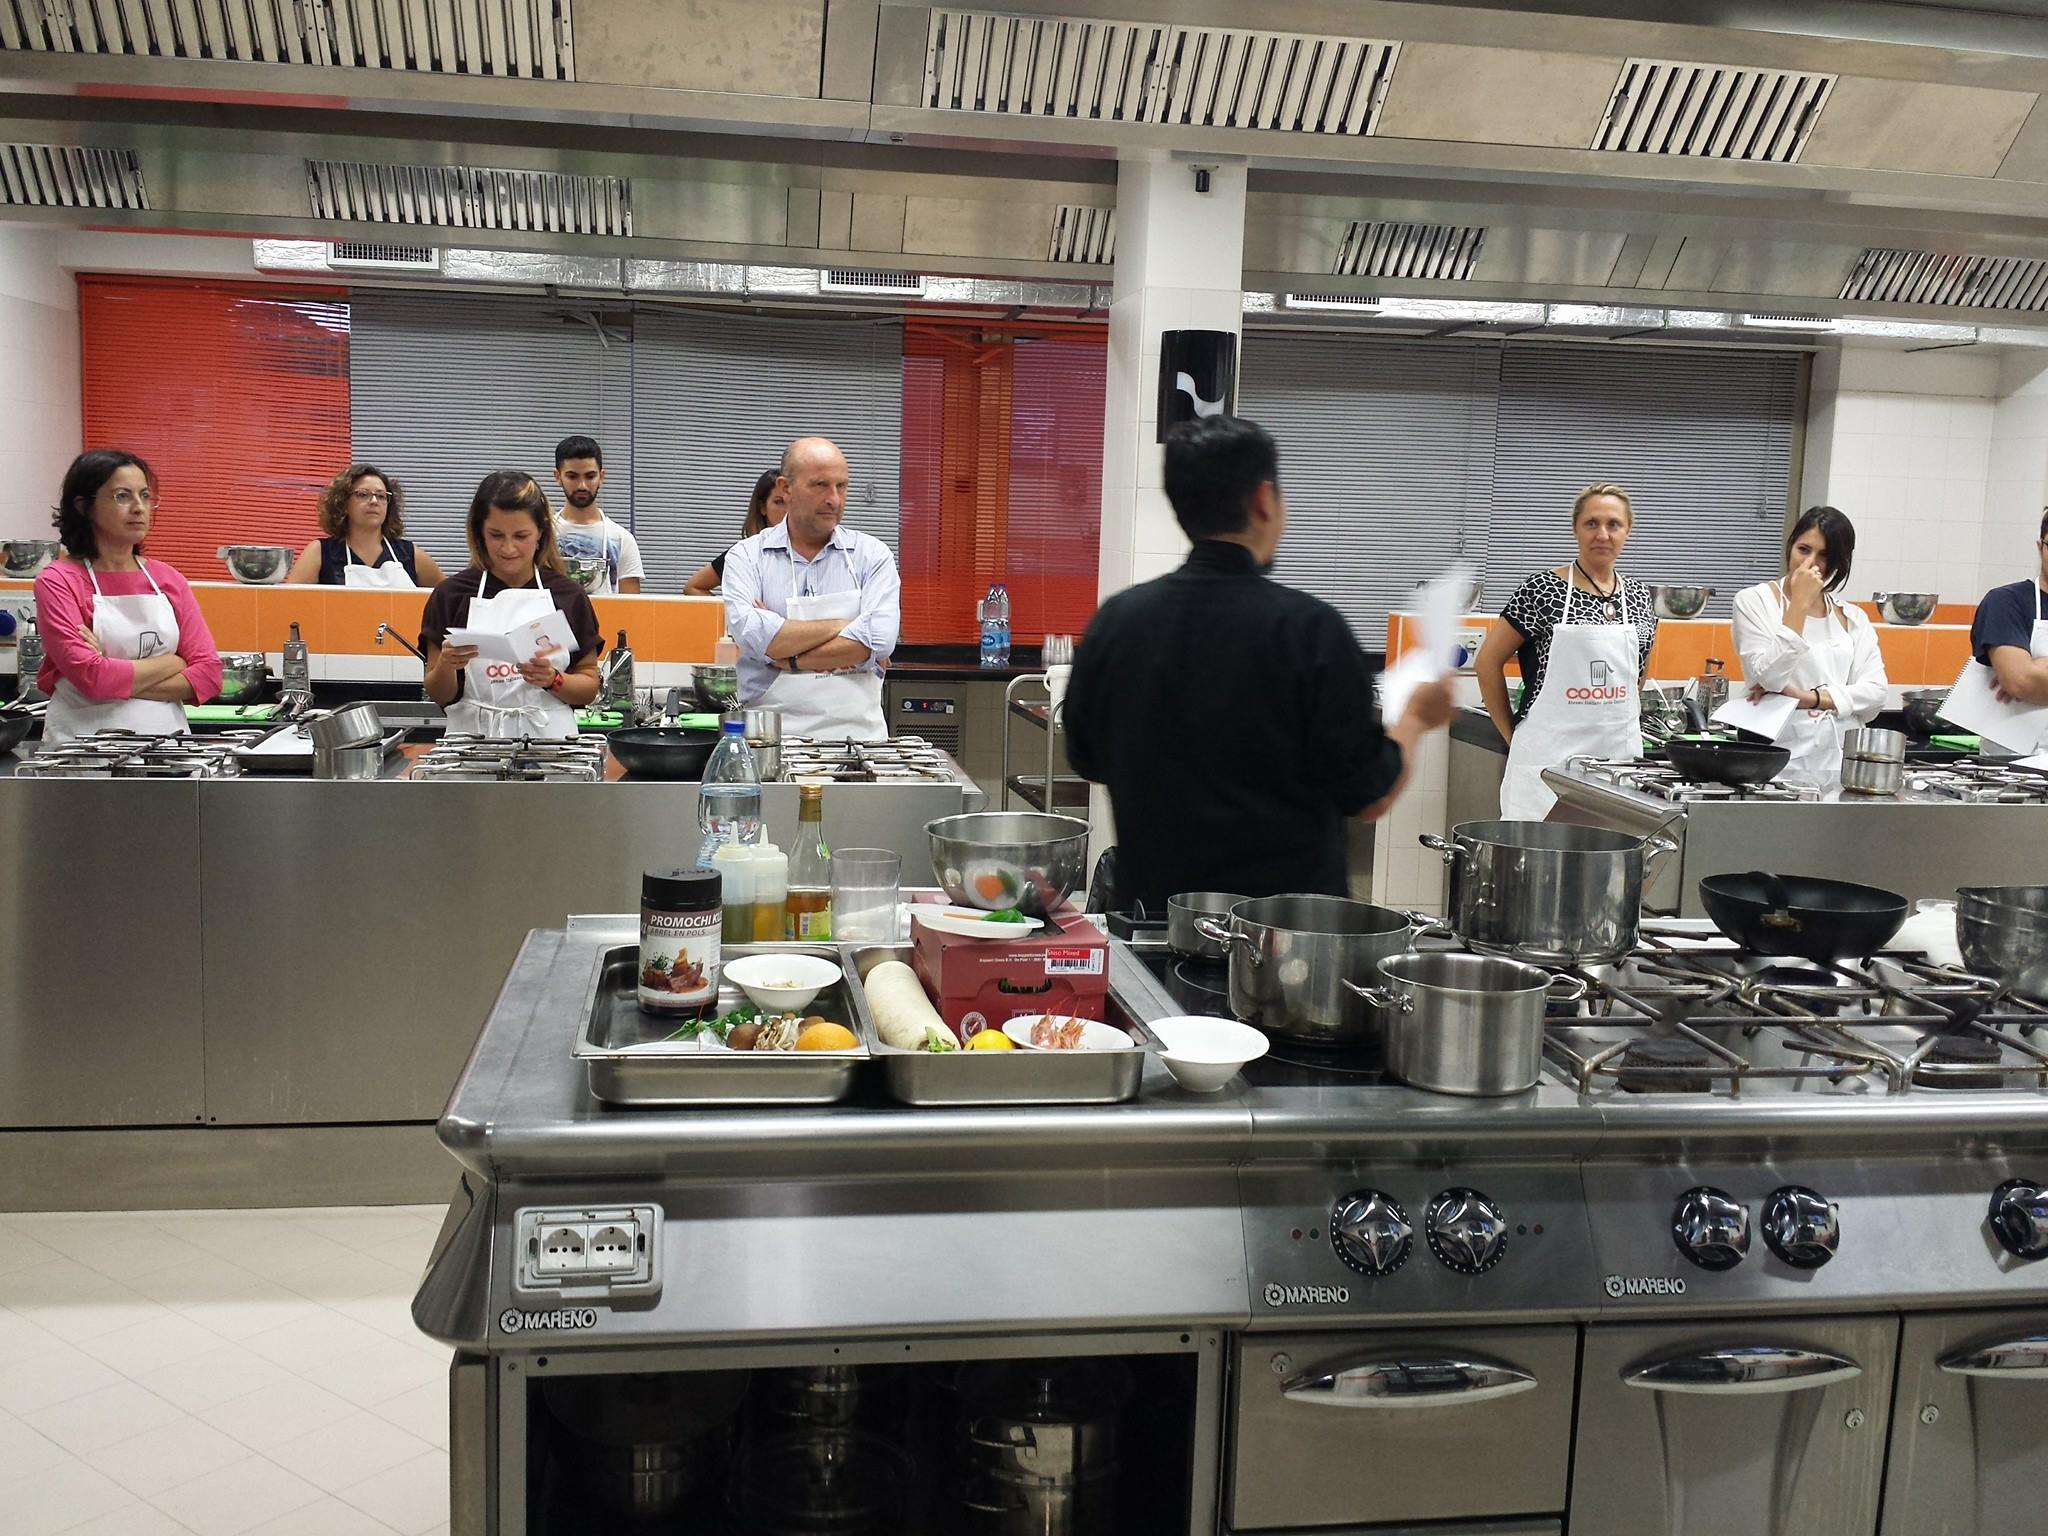 5 buoni motivi per frequentare un corso di cucina professionale autori fanpage - Scuola di cucina torino ...